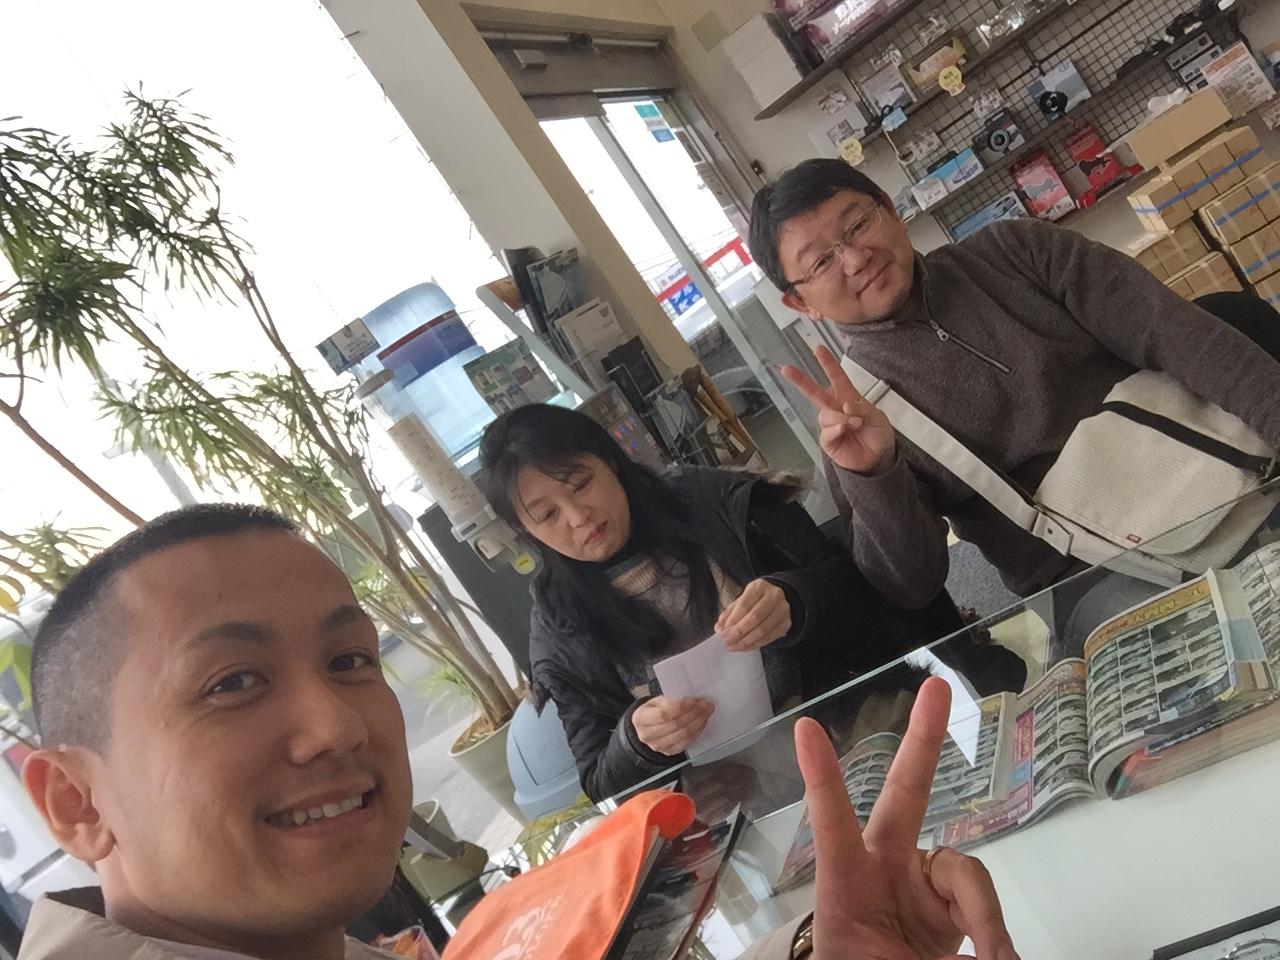 3月15日 日曜日 今日も店長のニコニコブログ!!_b0127002_20522782.jpg